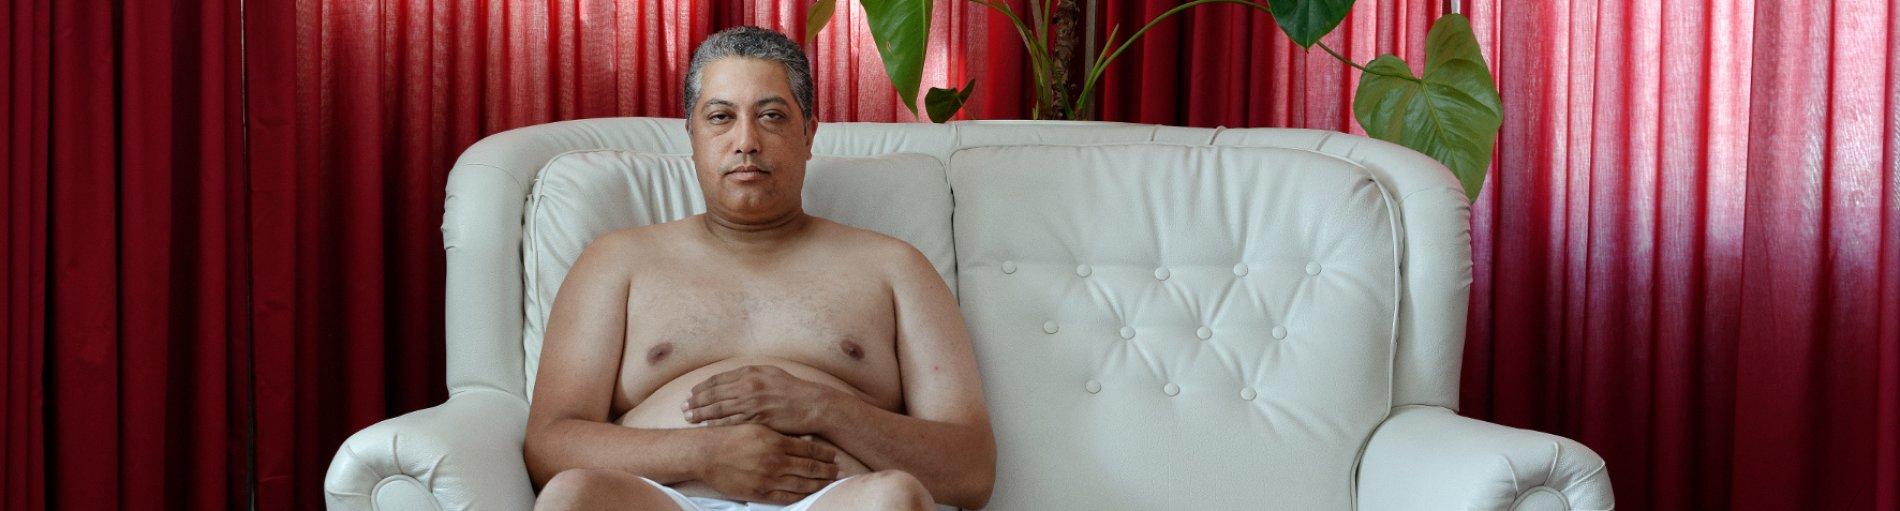 Ein Mann in Unterwäsche sitzt auf einem weißen Sofa